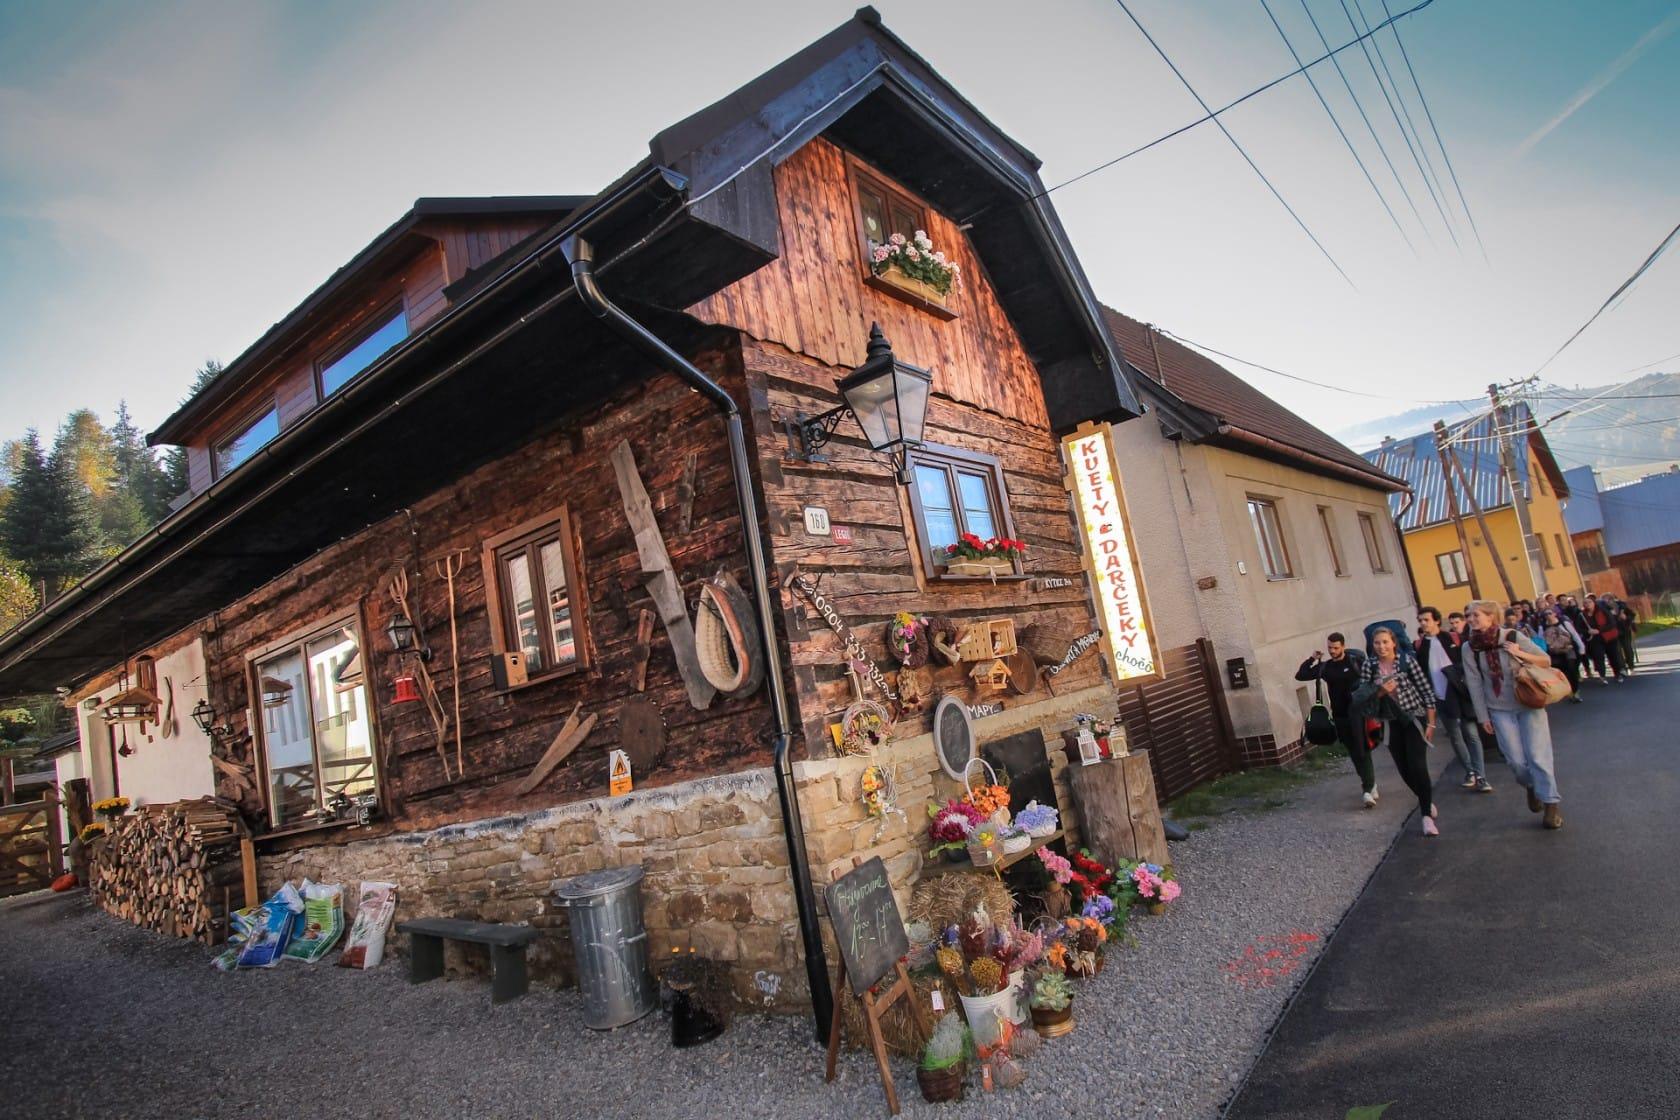 Architektura zrębowa na Słowacji - wyprawa I